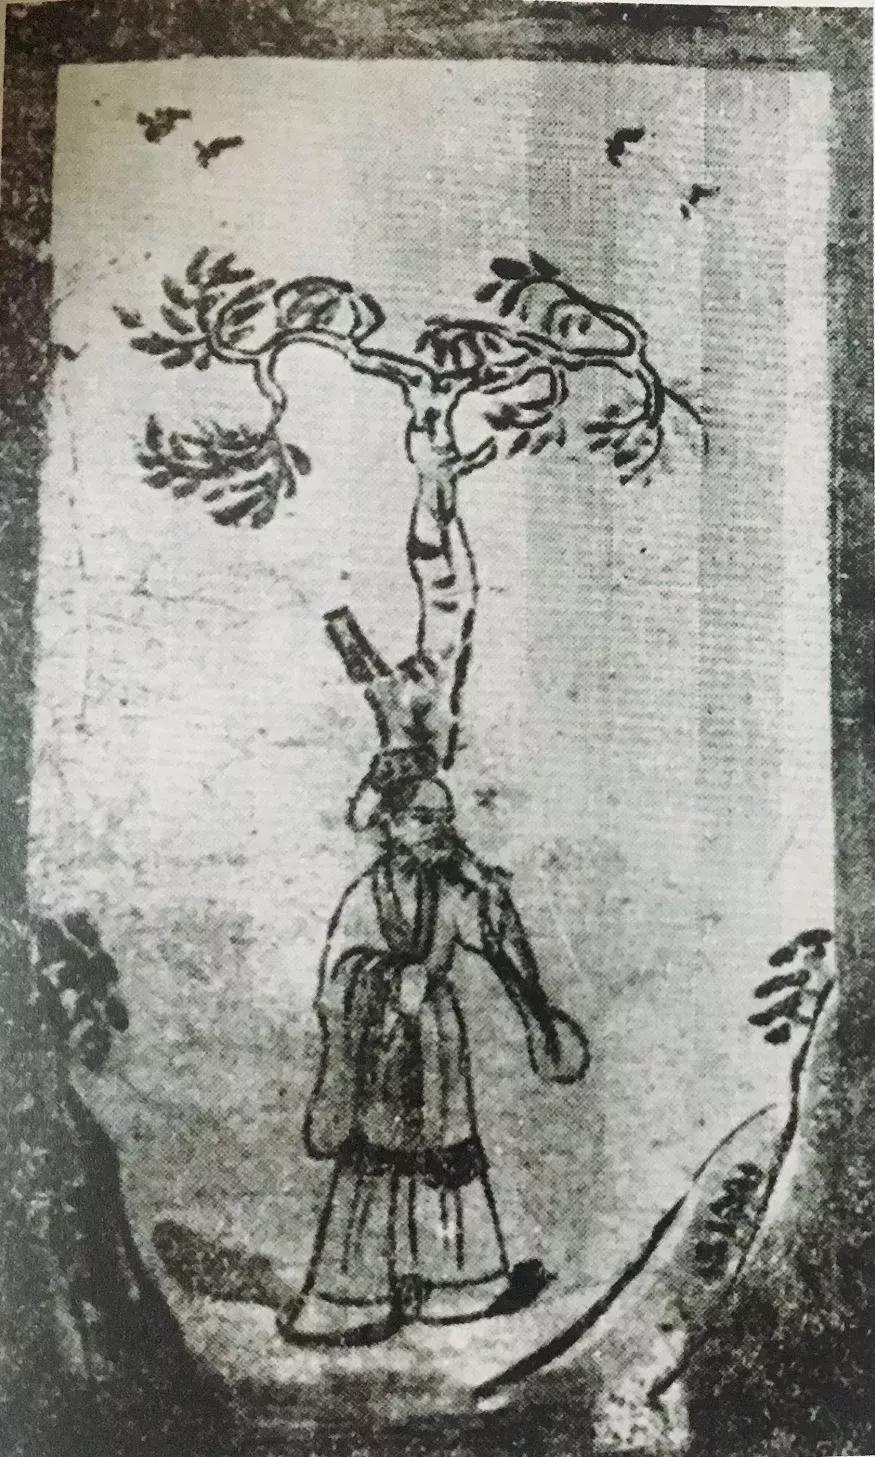 唐代壁画树下老人图 竹下老人图背后意义